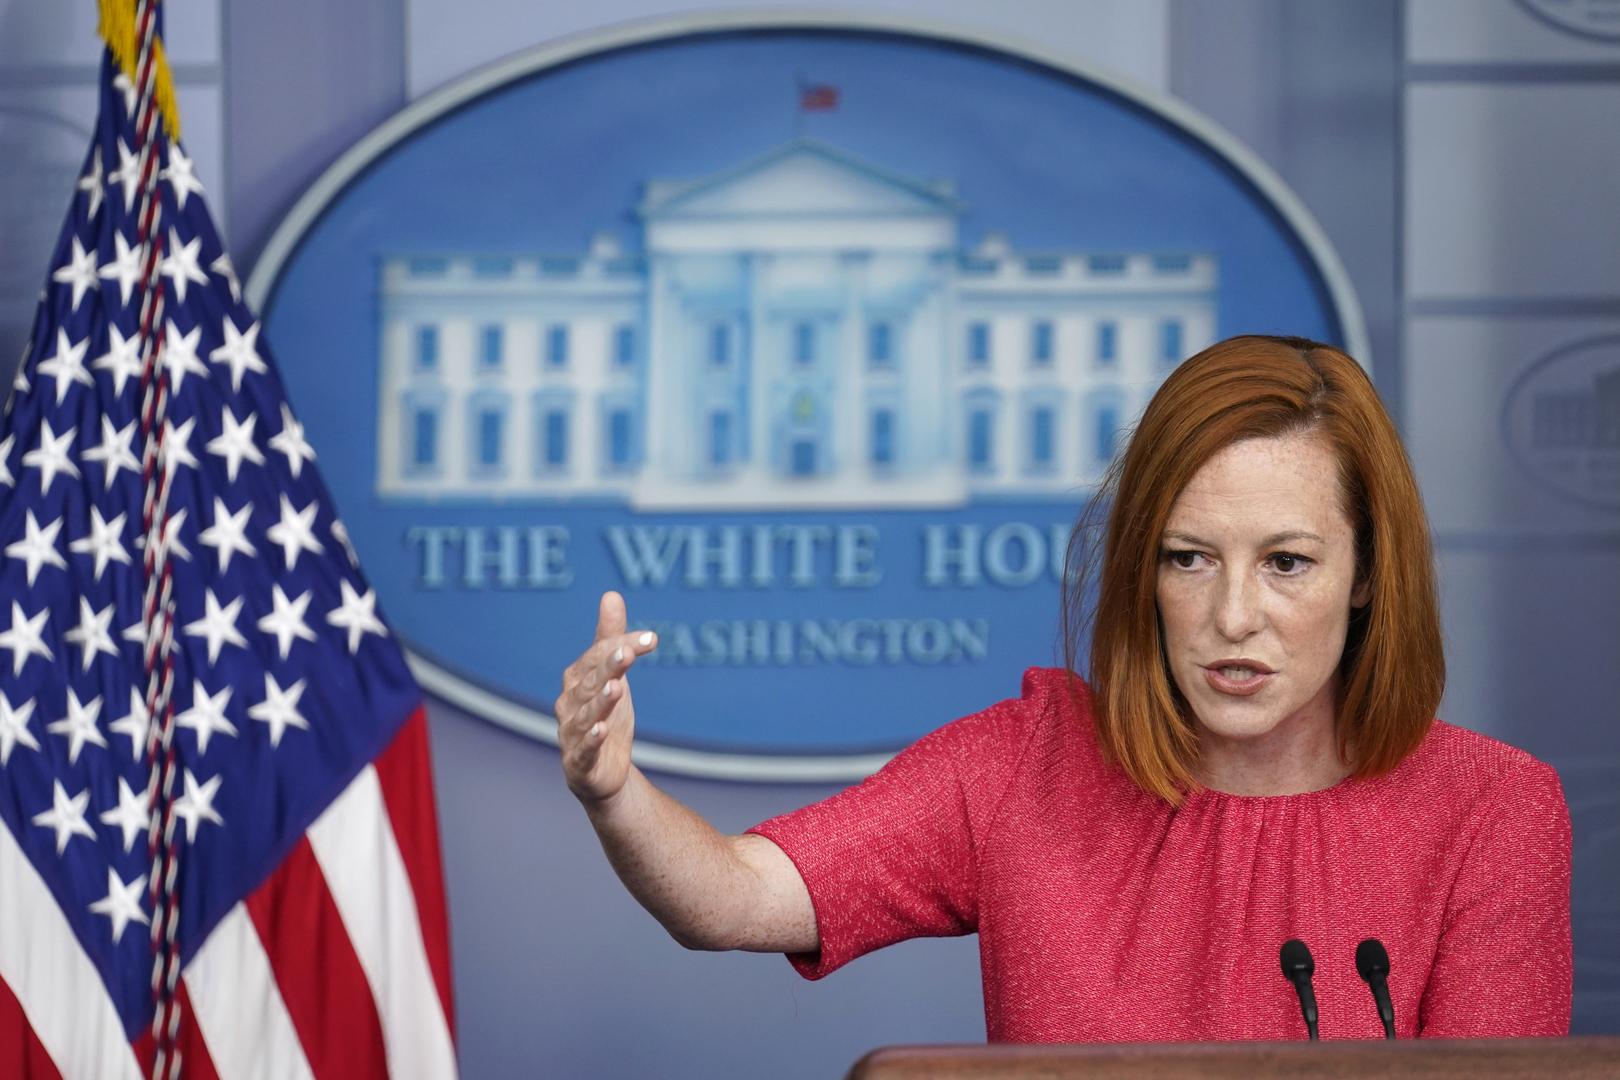 البيت الأبيض: الحوار الأمريكي الروسي حول الأمن السيبراني مستمر